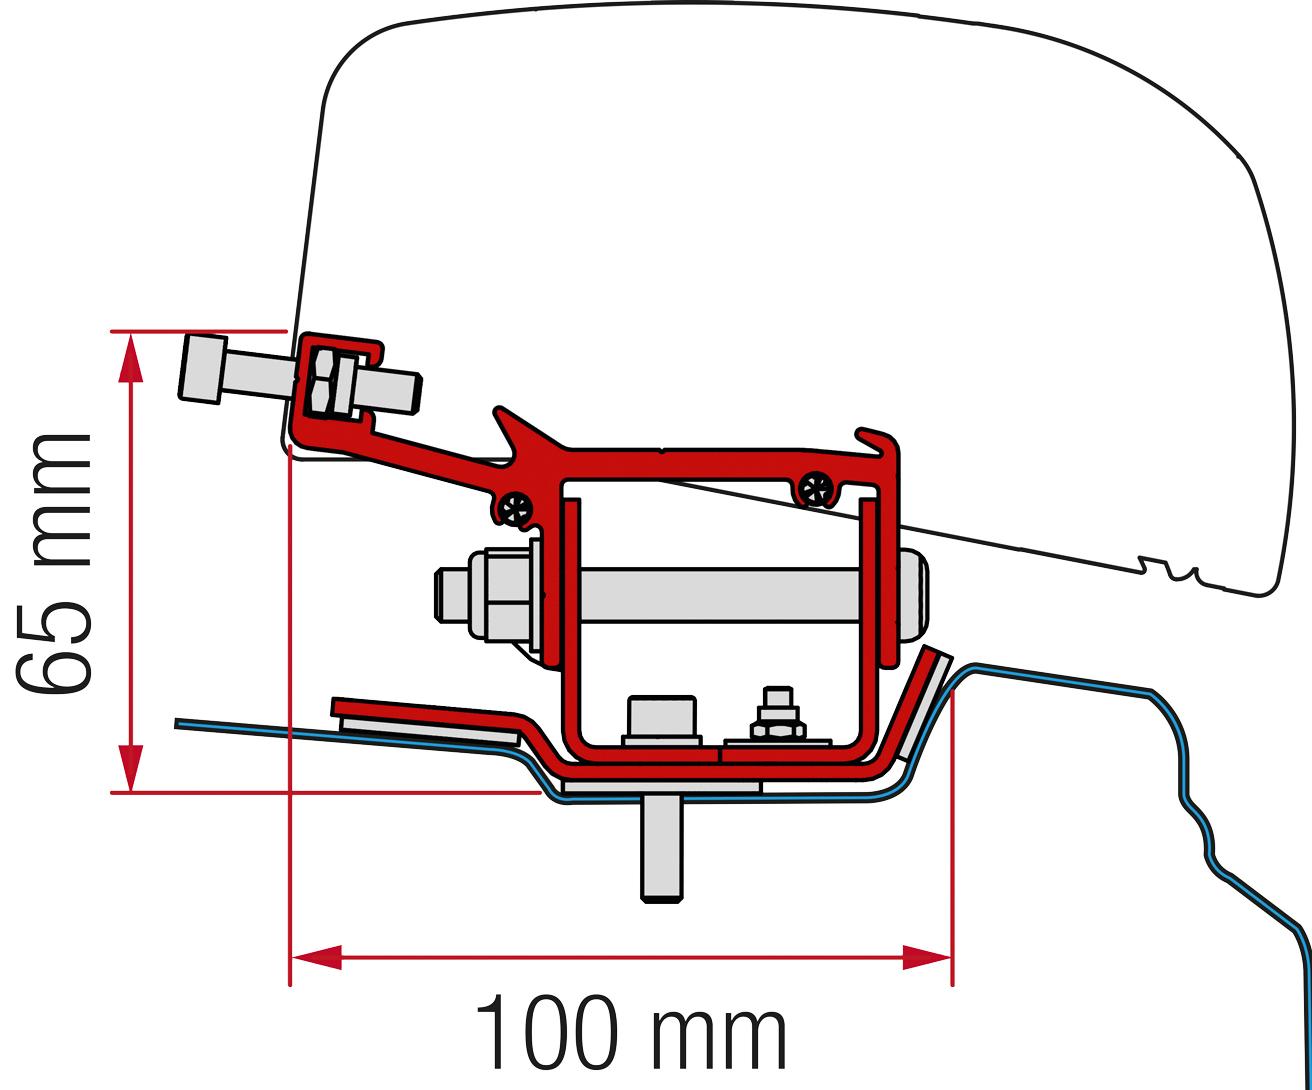 Fiamma Adapter F40 Kit Renault Trafic L1 ab 2014